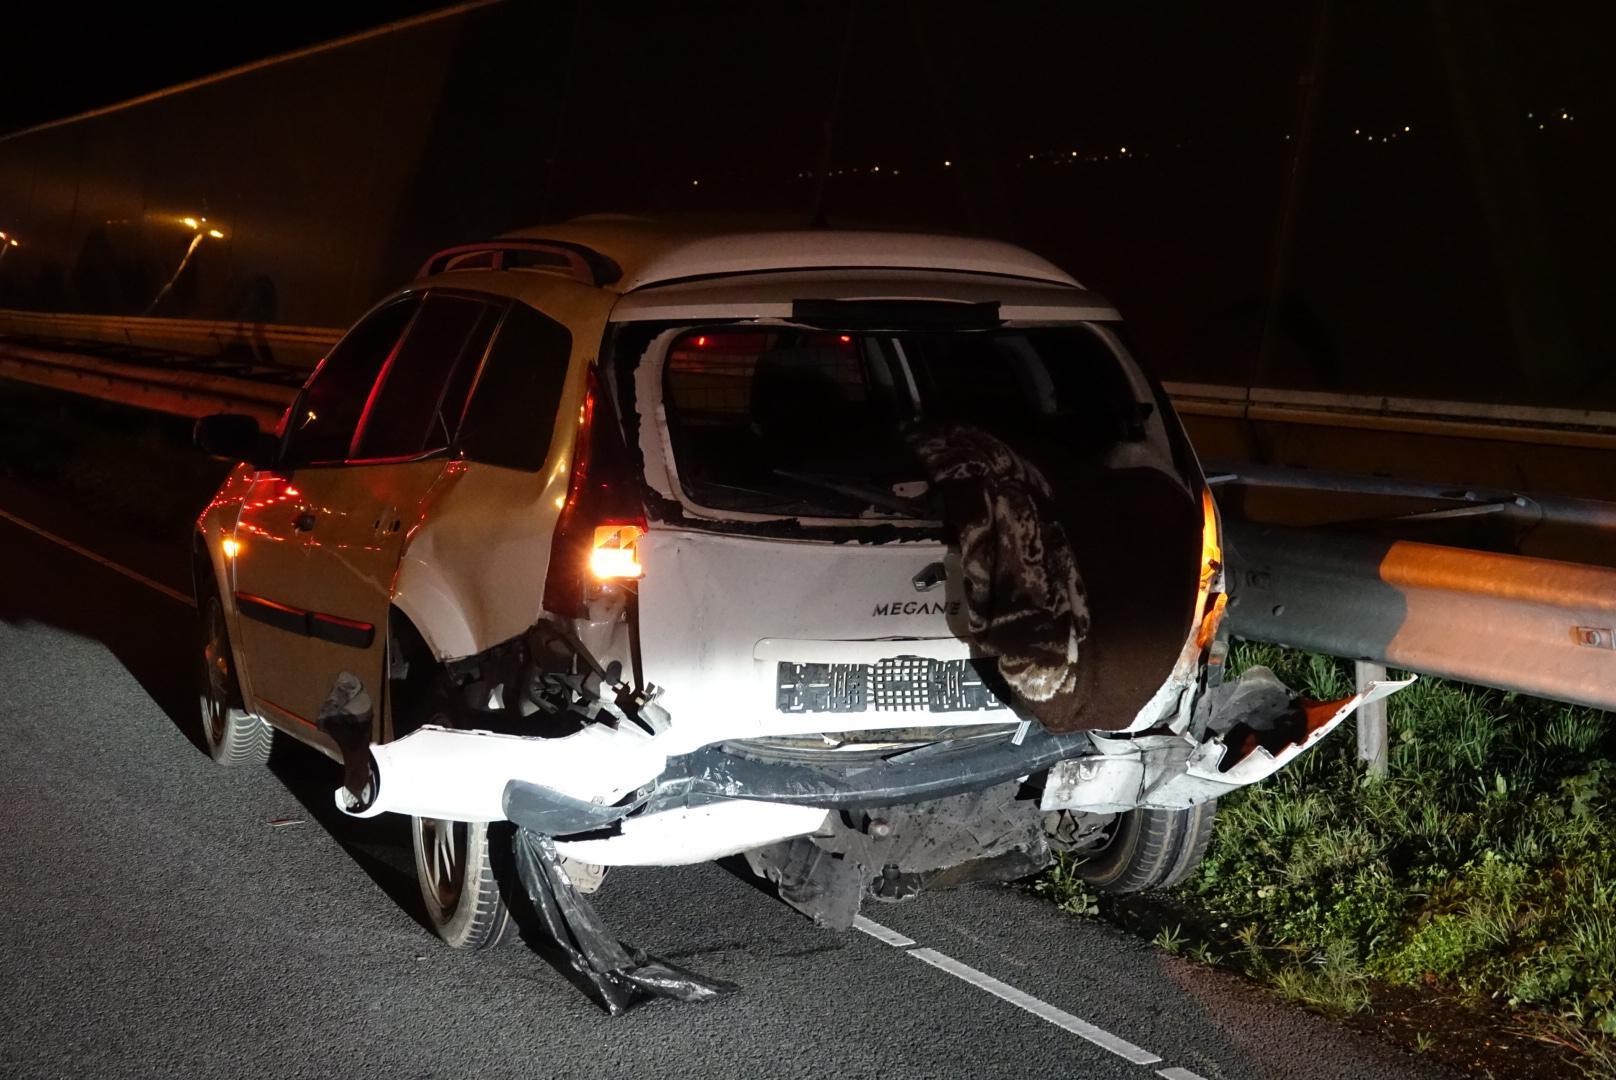 Ongeluk op A7 bij Wijdewormer door fout in inhaakactie